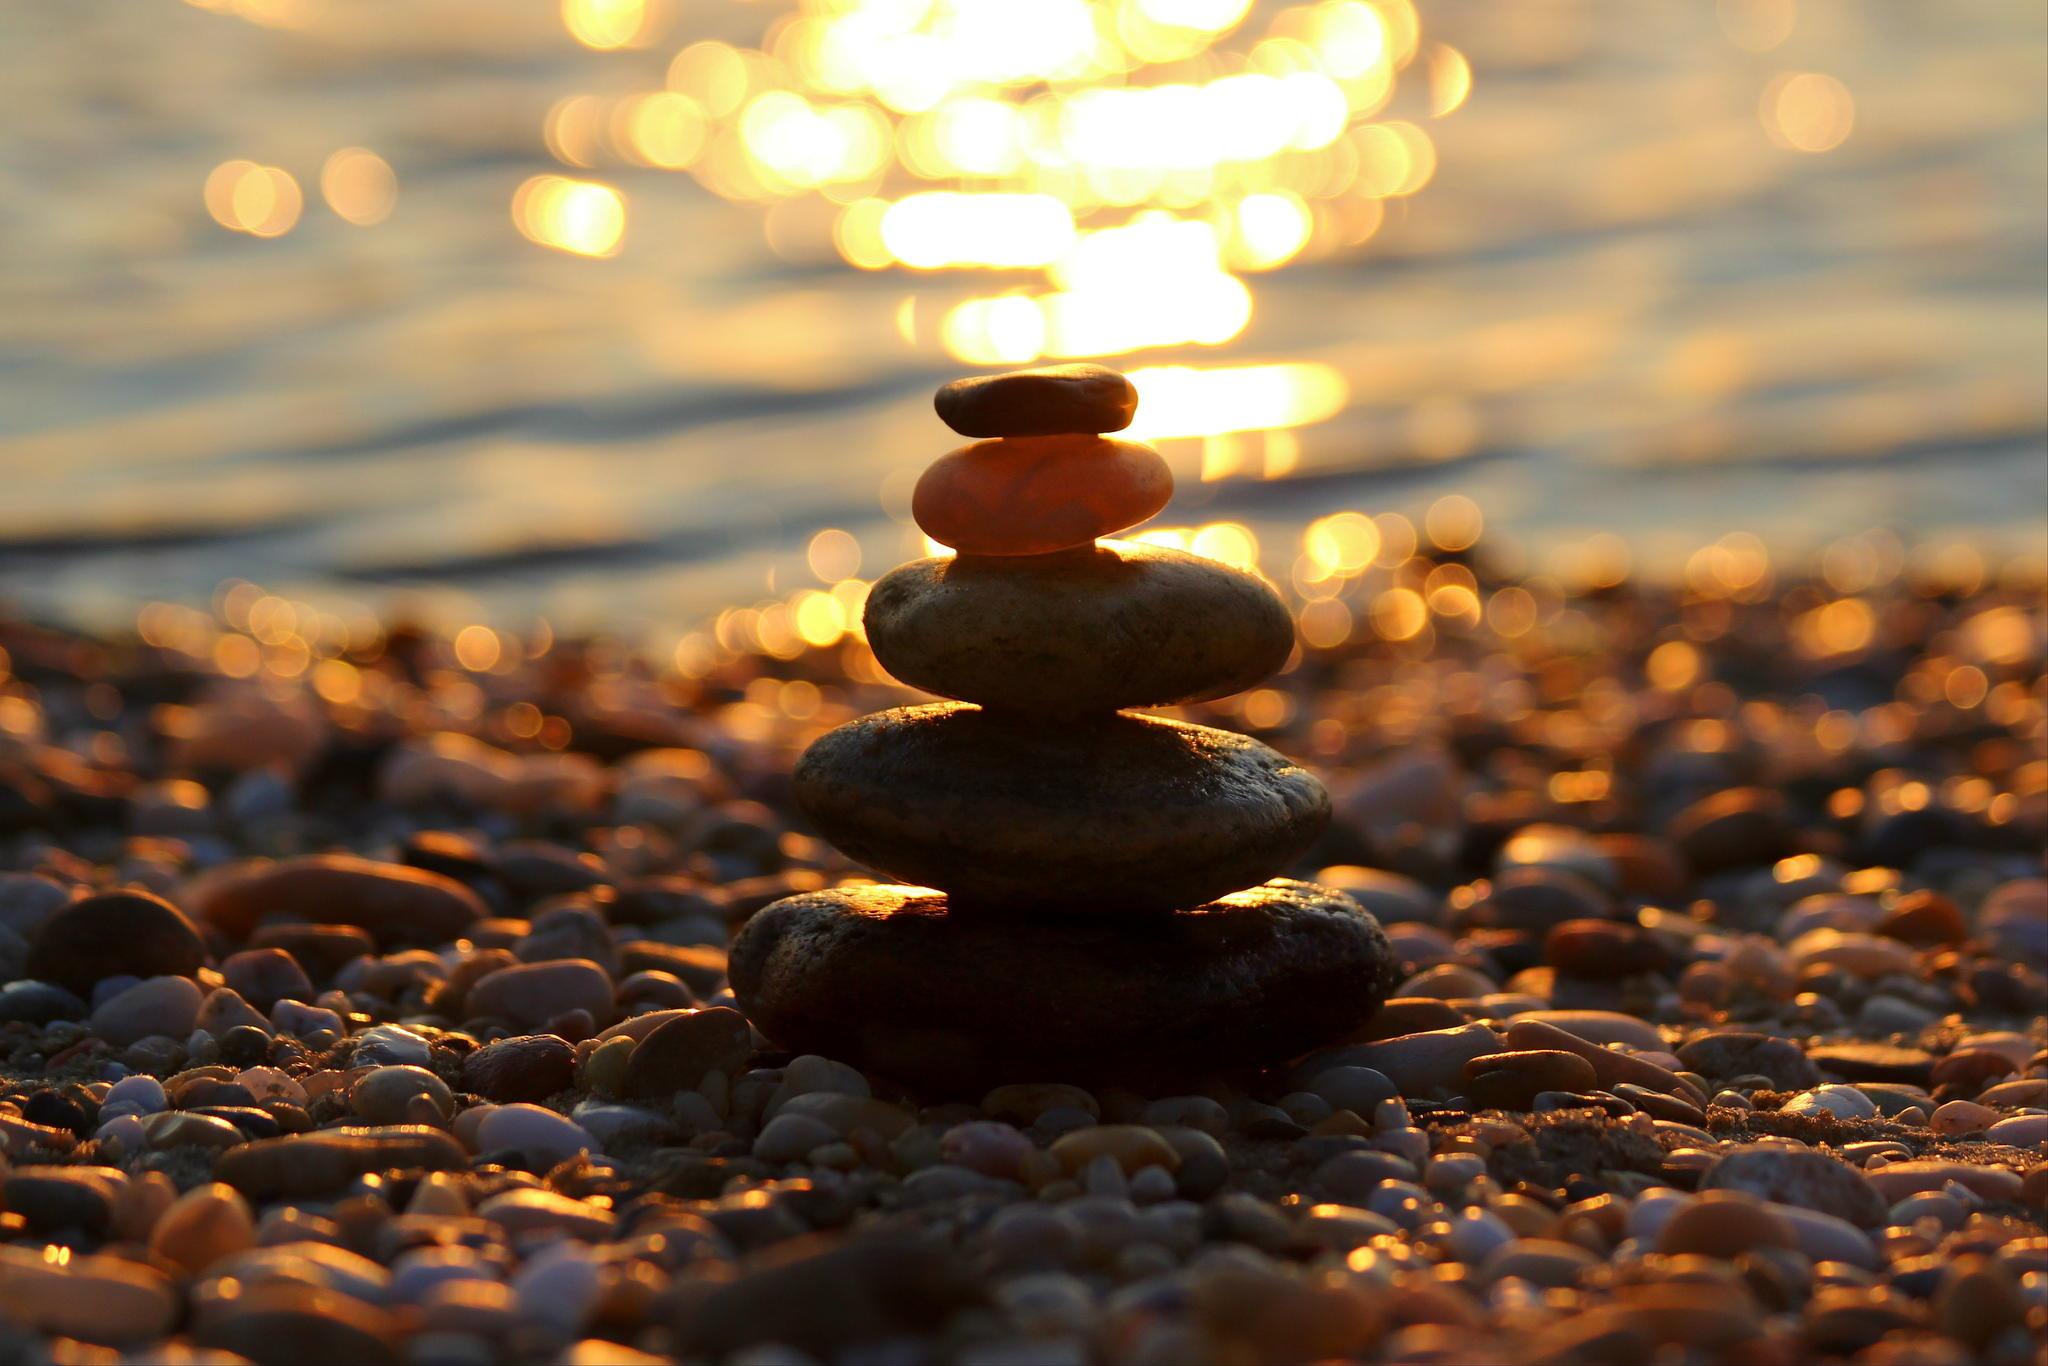 Khi 'duyên phận' đến, tự khắc chúng ta sẽ tìm được người khiến mình hạnh phúc cả đời - Ảnh 5